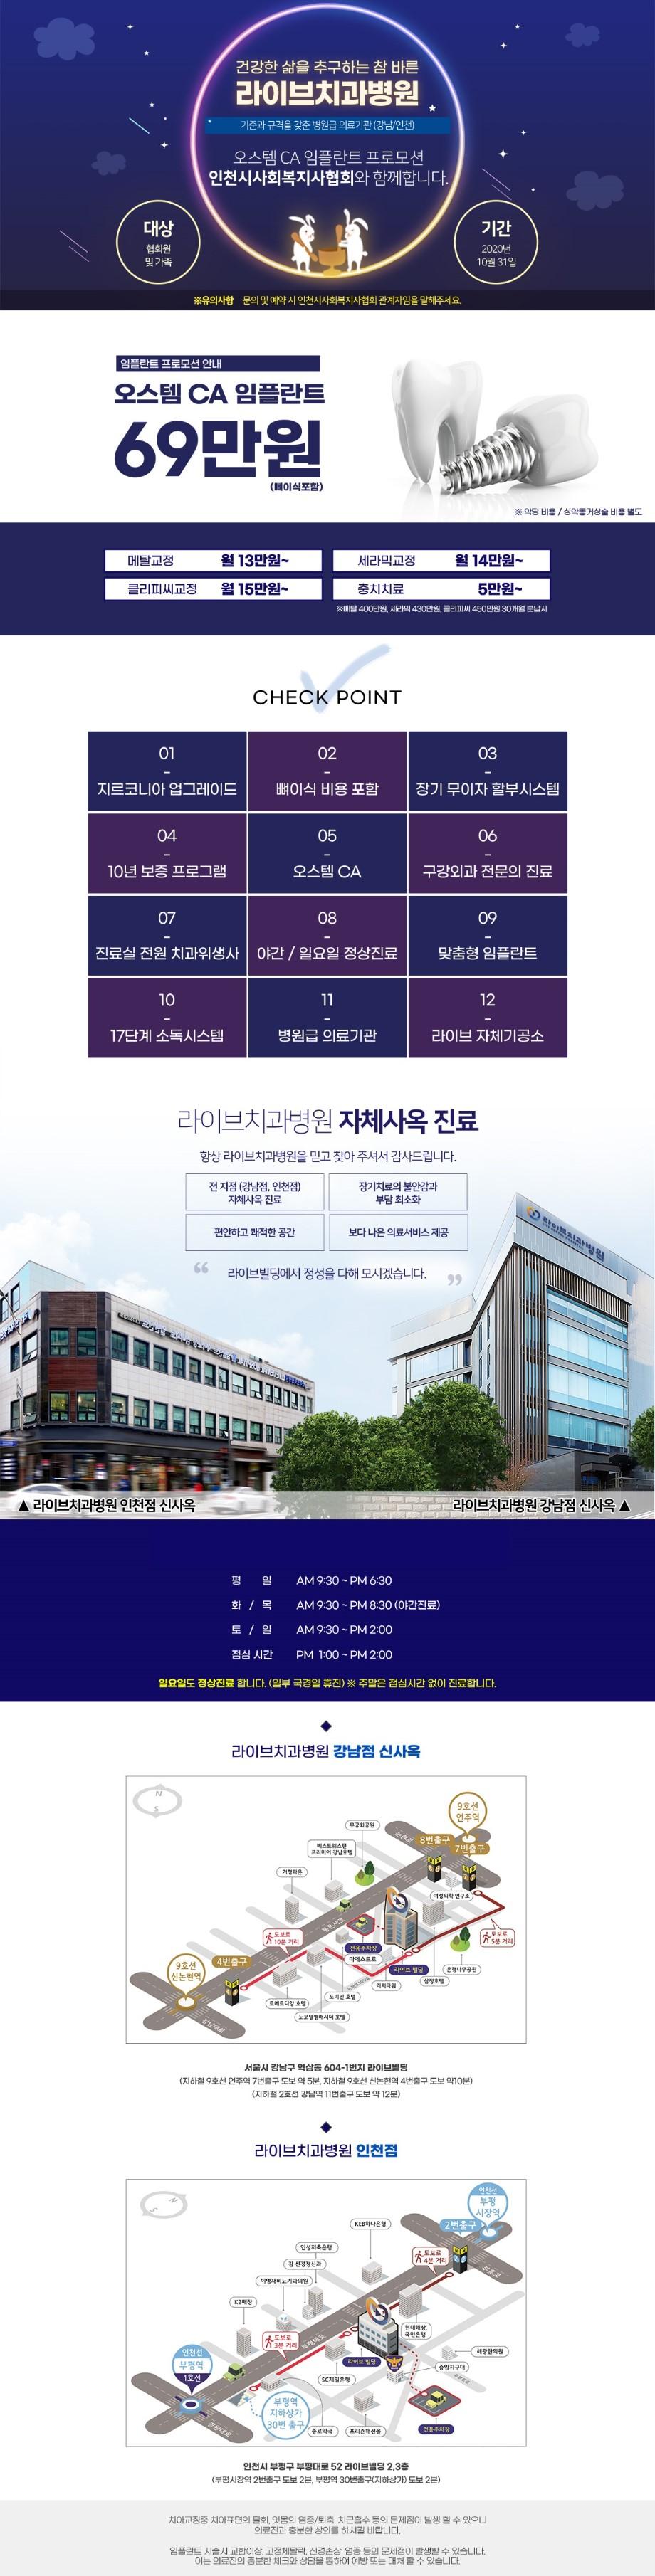 라이브치과병원-프로모션-공지.jpg